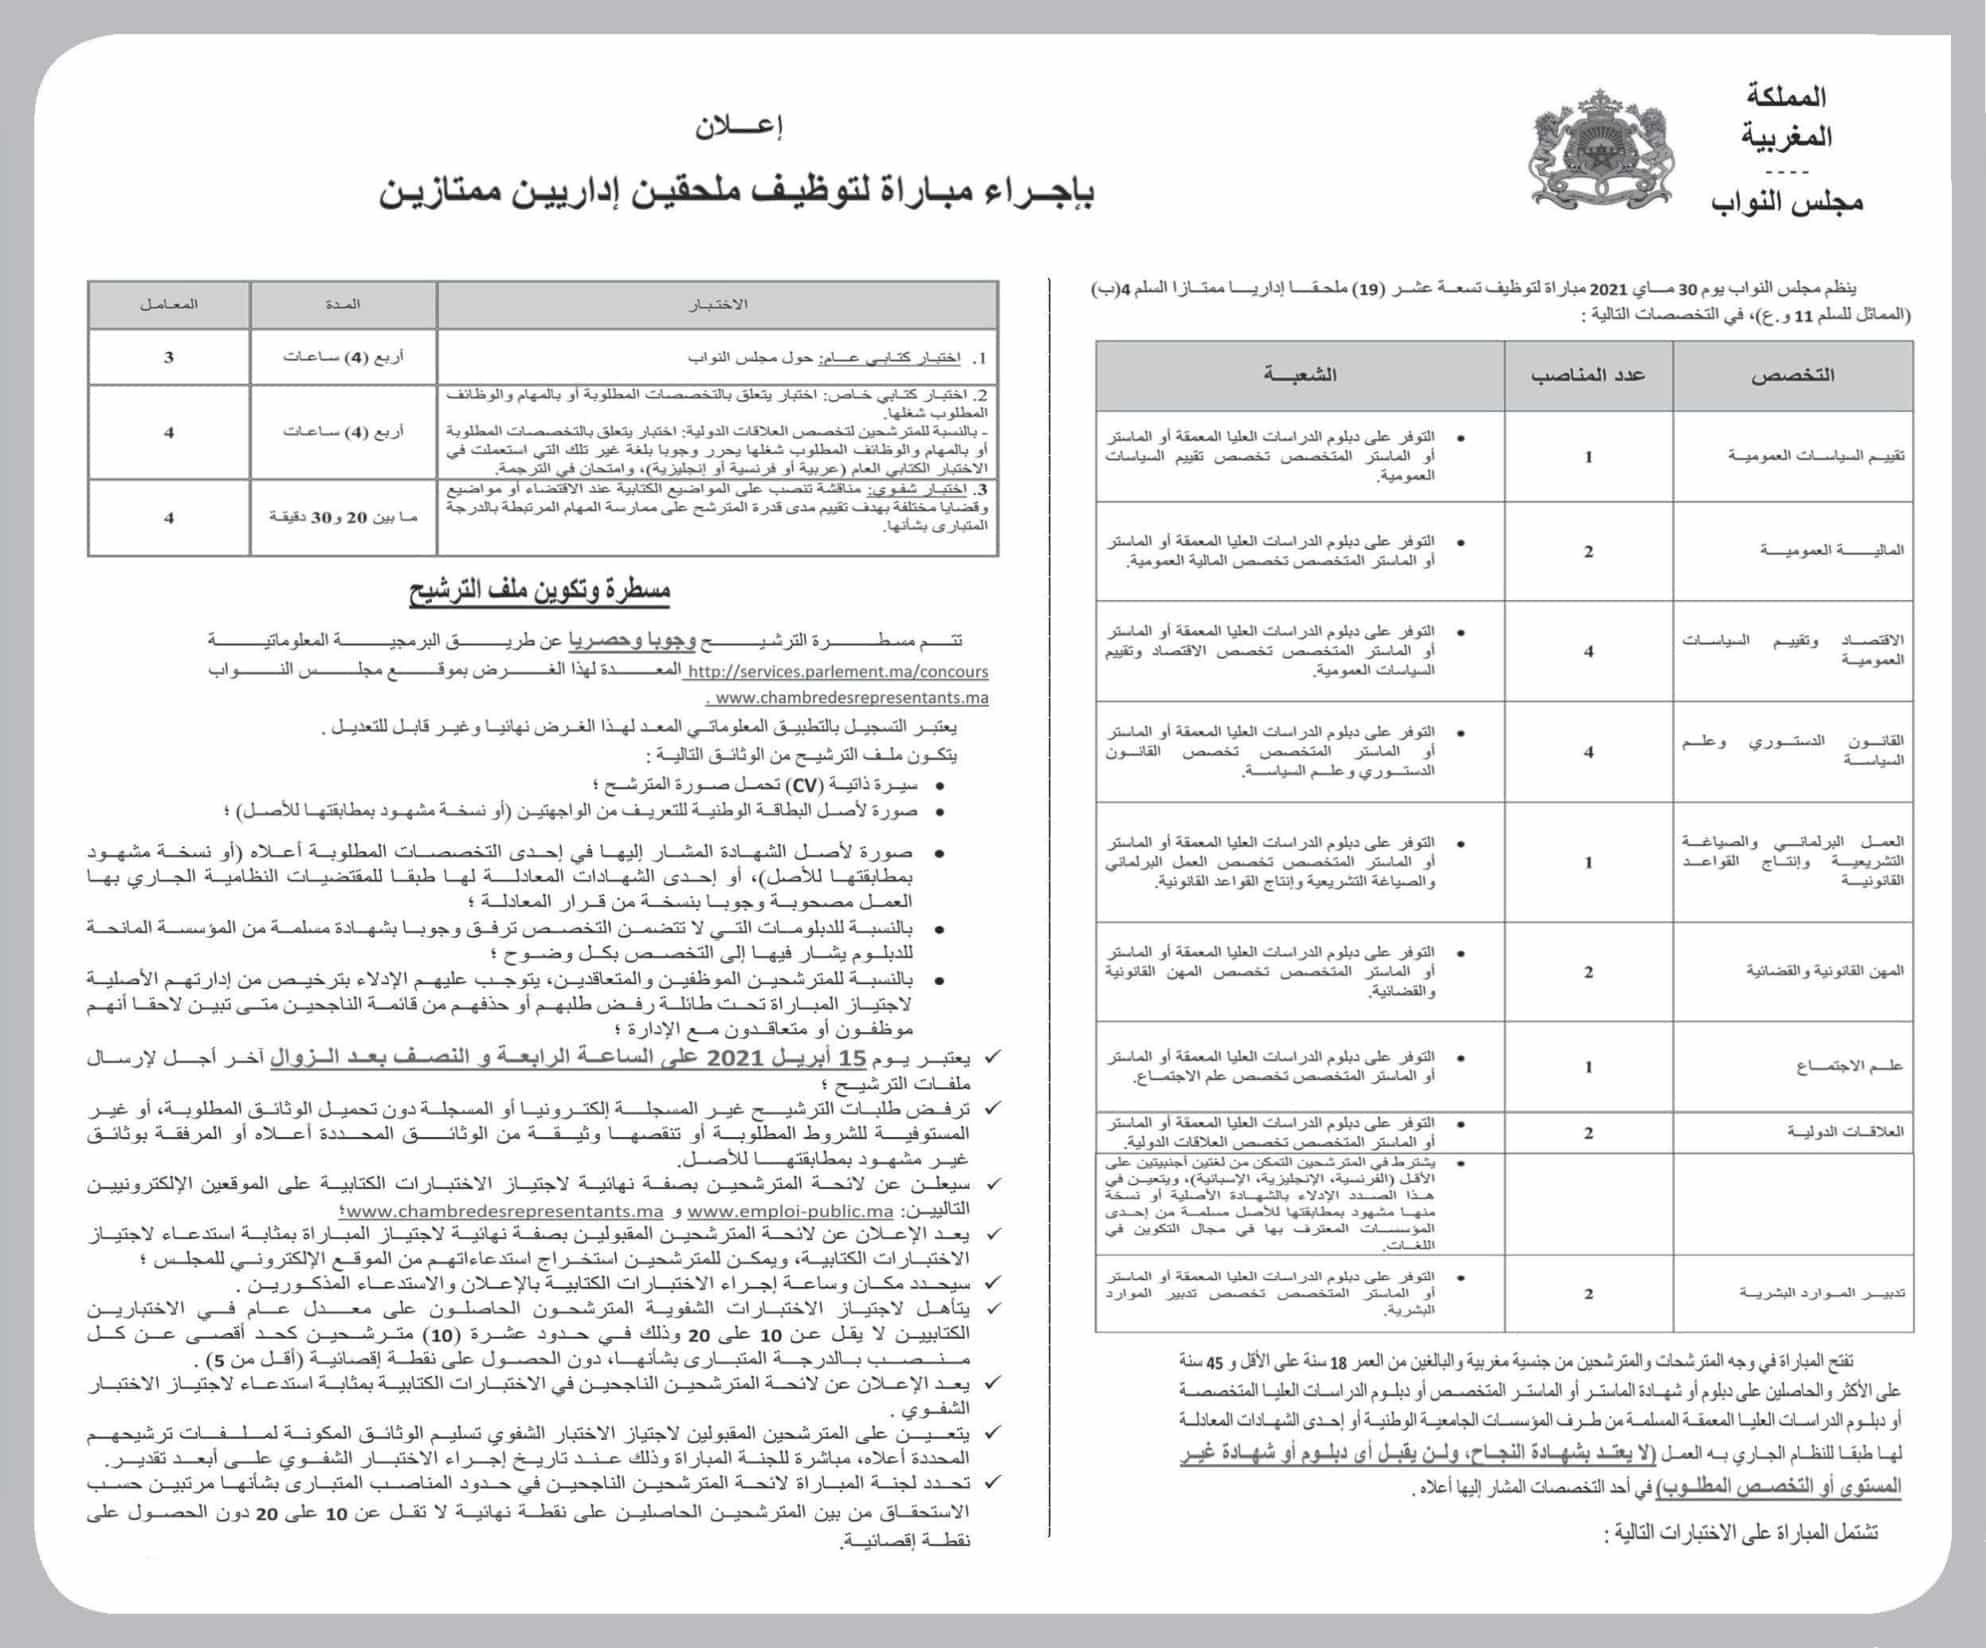 avis de concours pdf chambre representants 2021 4 Résultats Concours Chambre des Représentants 2021 (52 Postes)